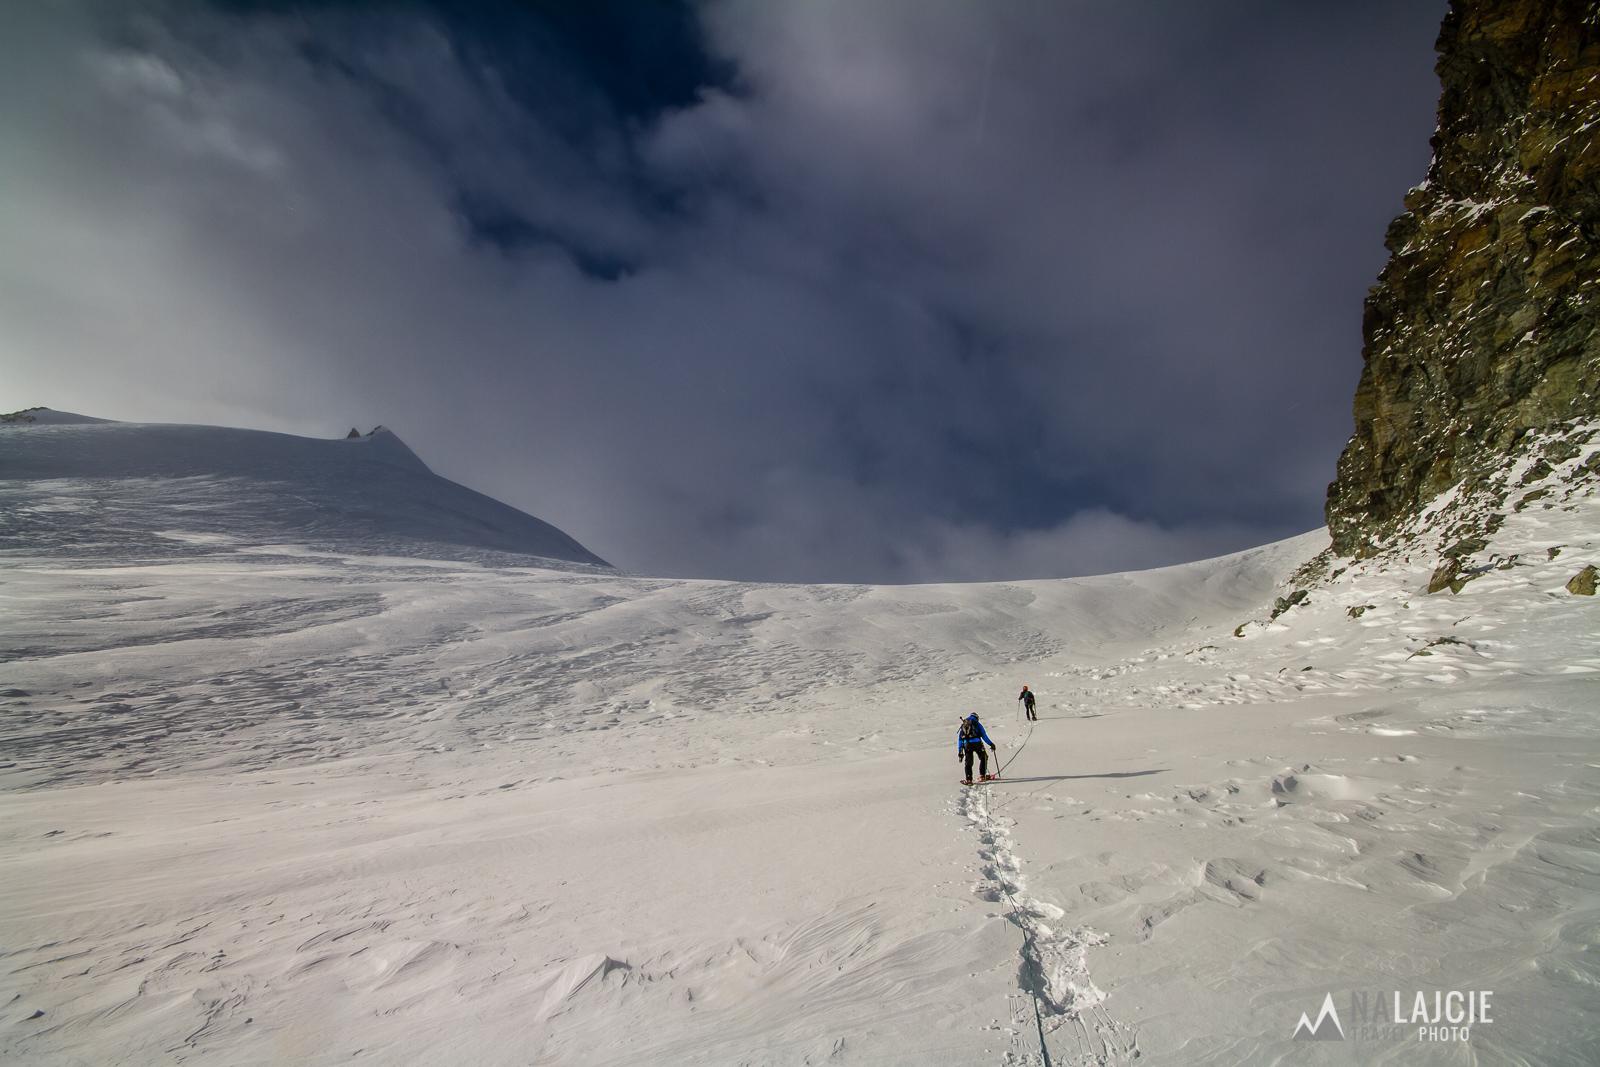 Podejście na przełęcz Allalin